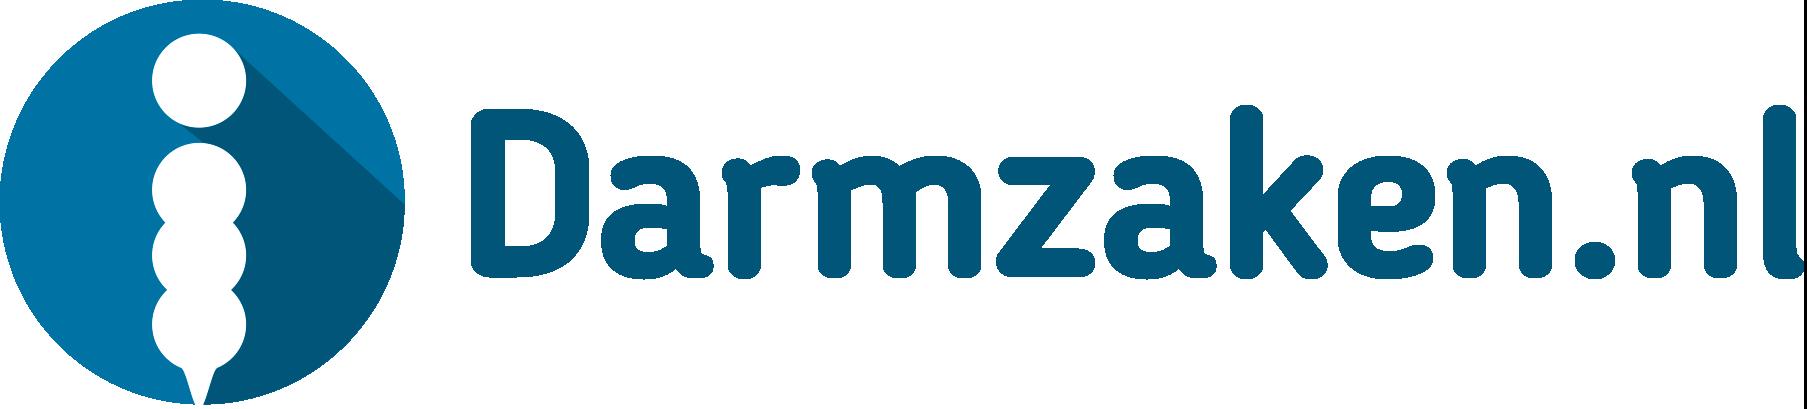 Darmzaken.nl